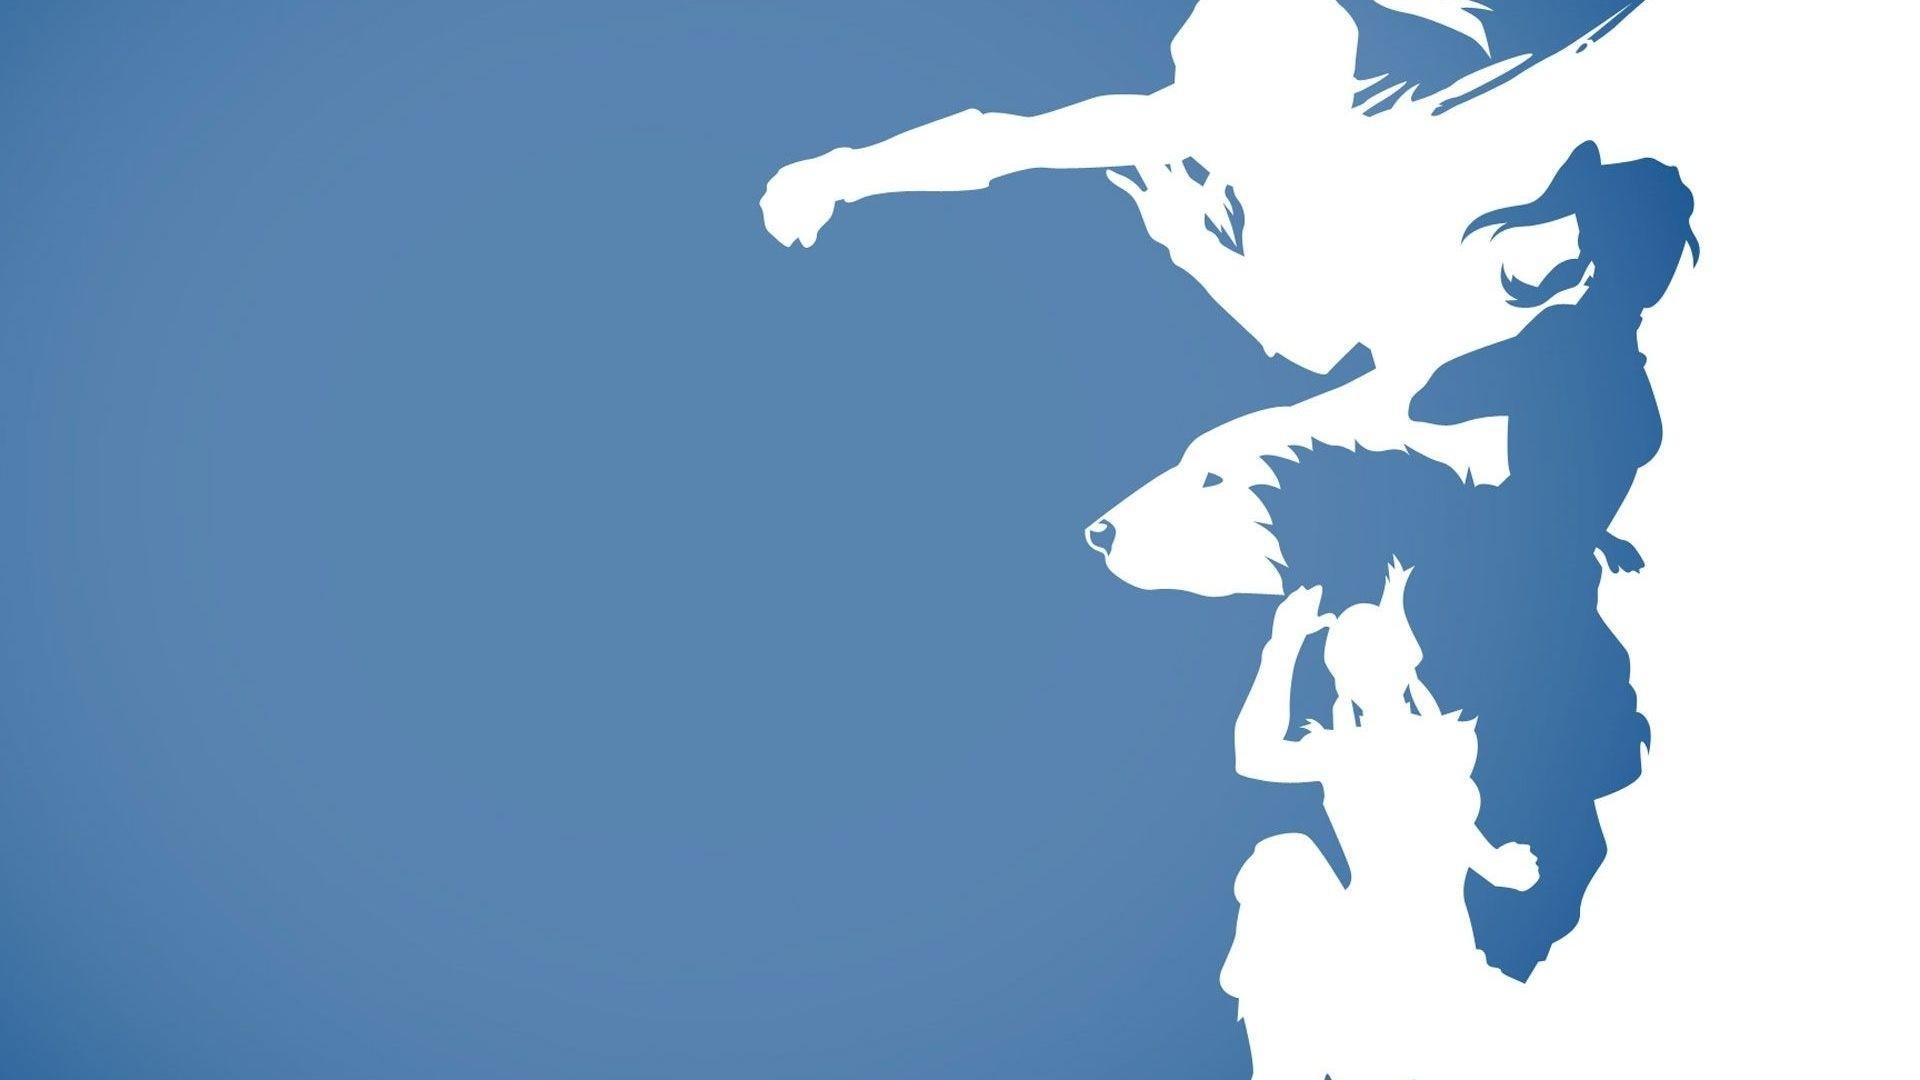 The Legend Of Korra Minimalist desktop wallpaper hd